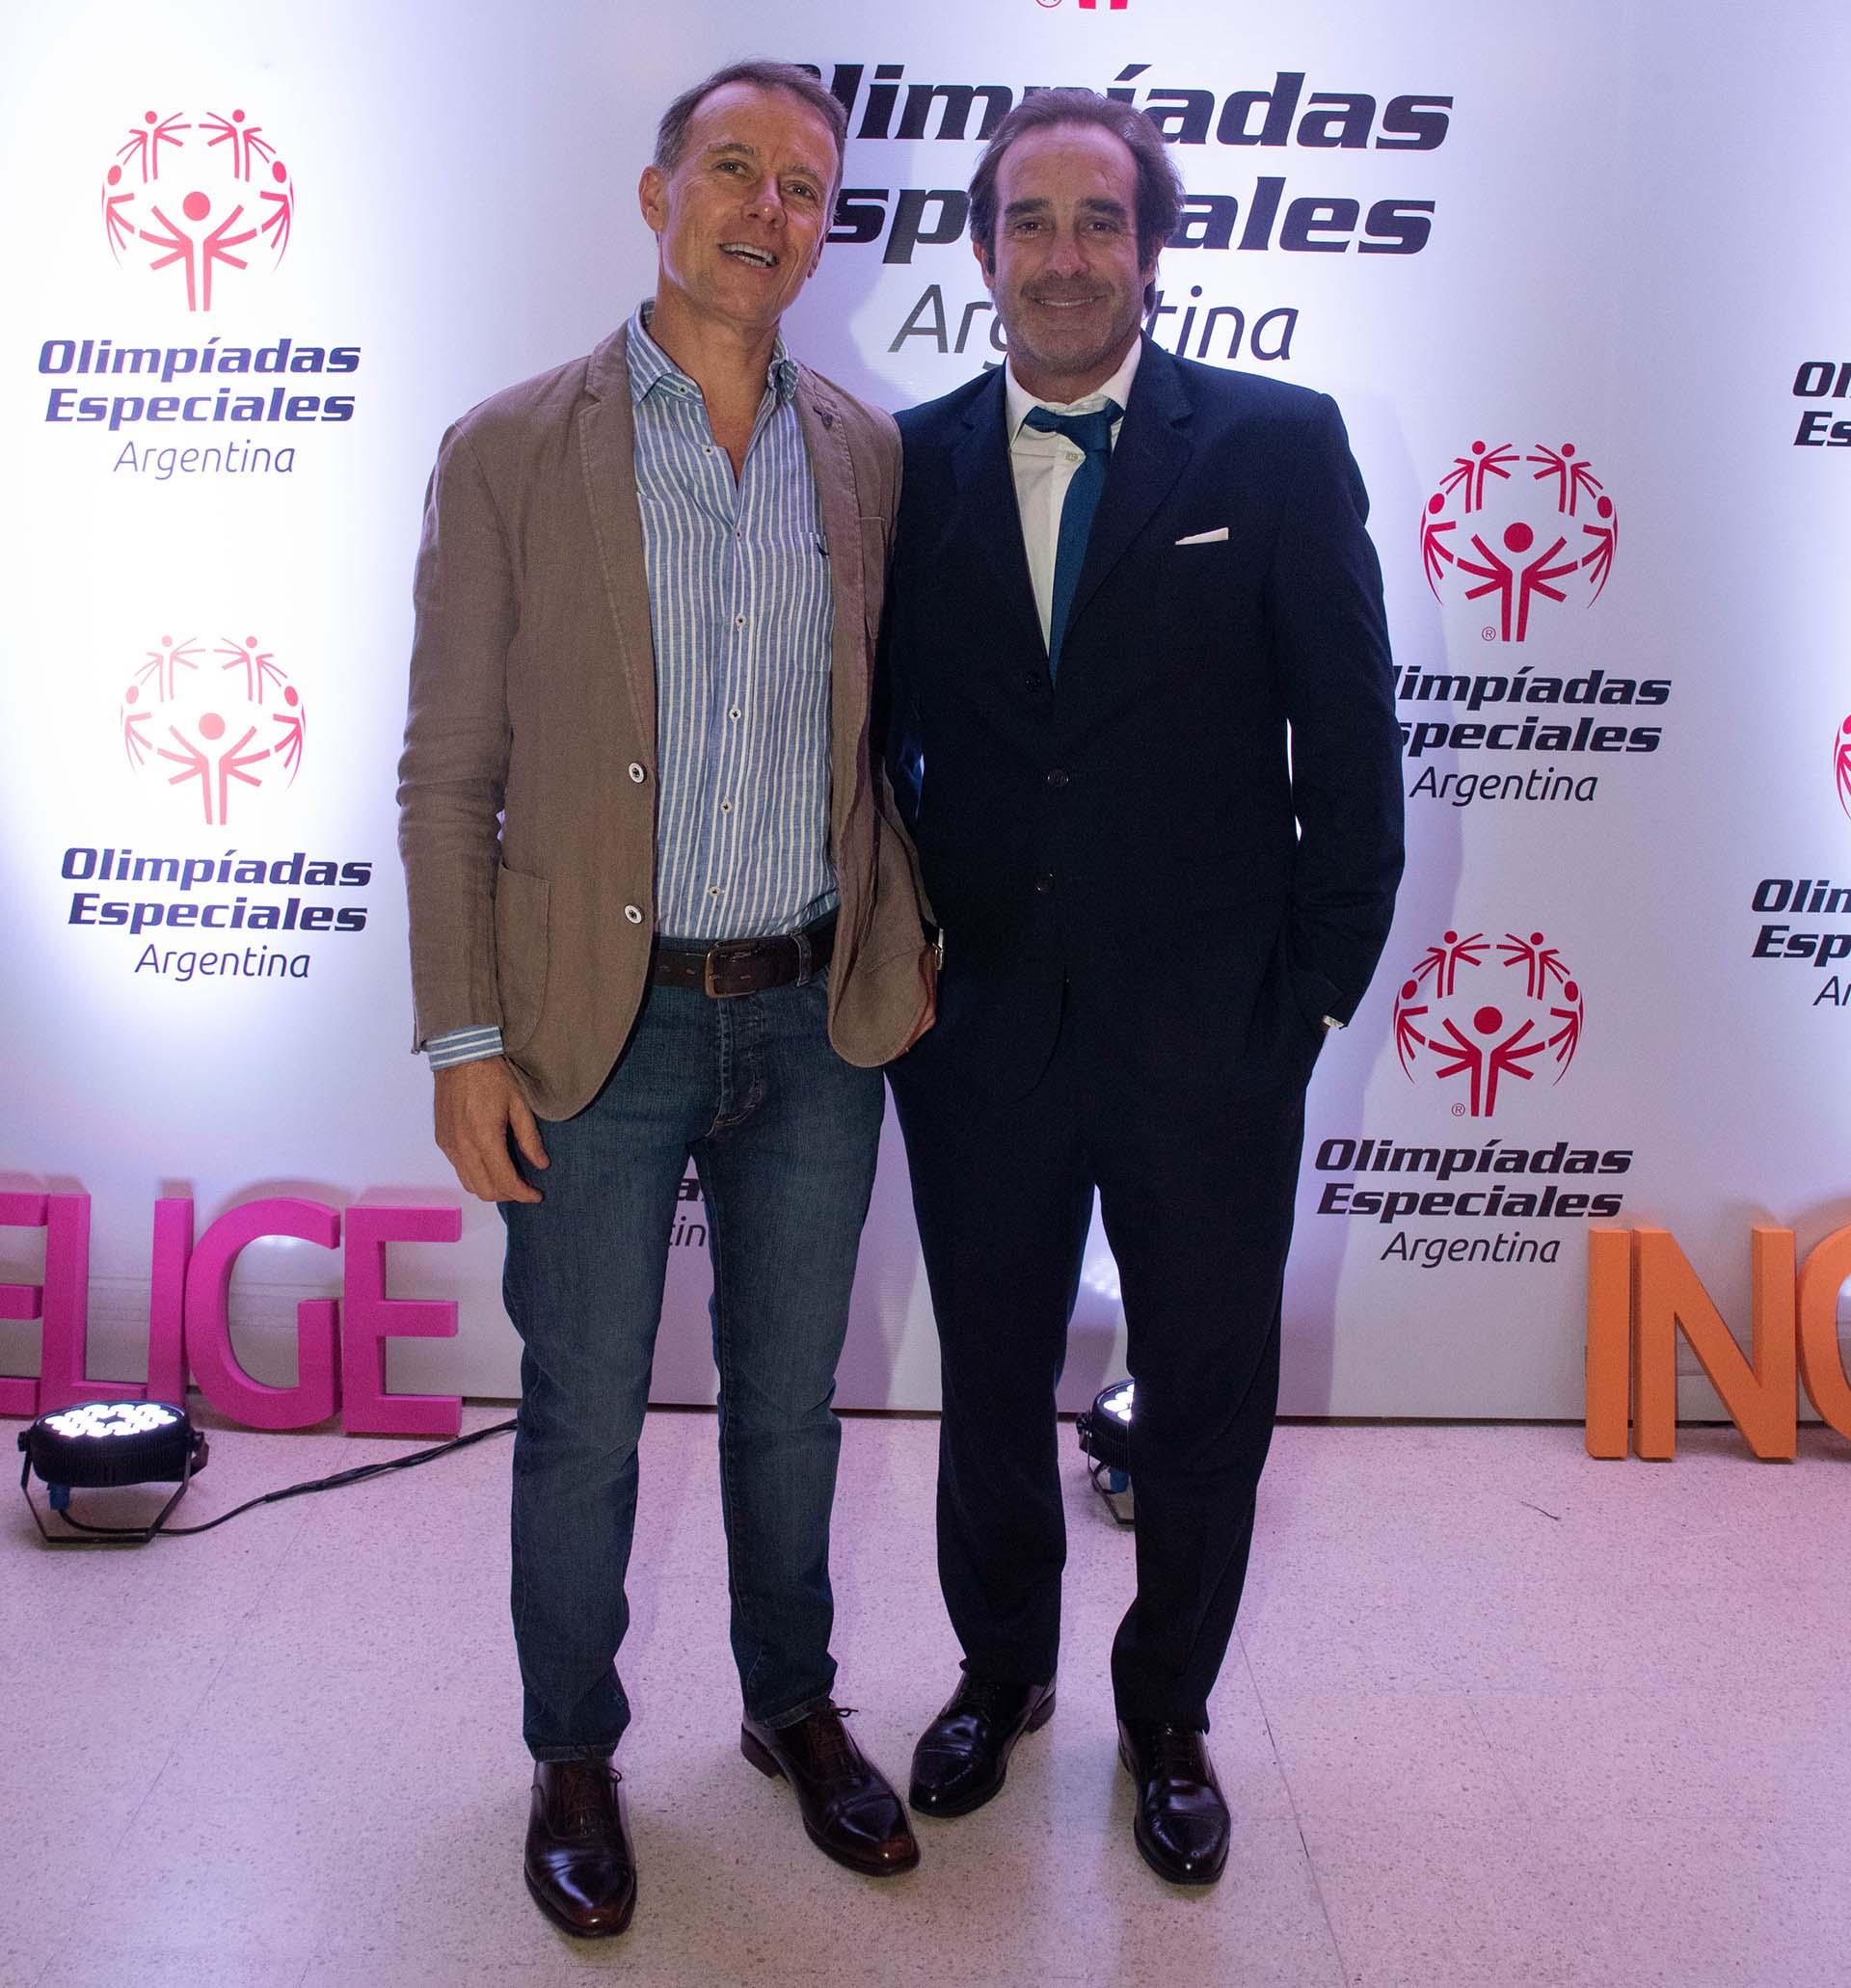 Los empresarios Carlos Etcheverry y Fernando Peralta Ramos